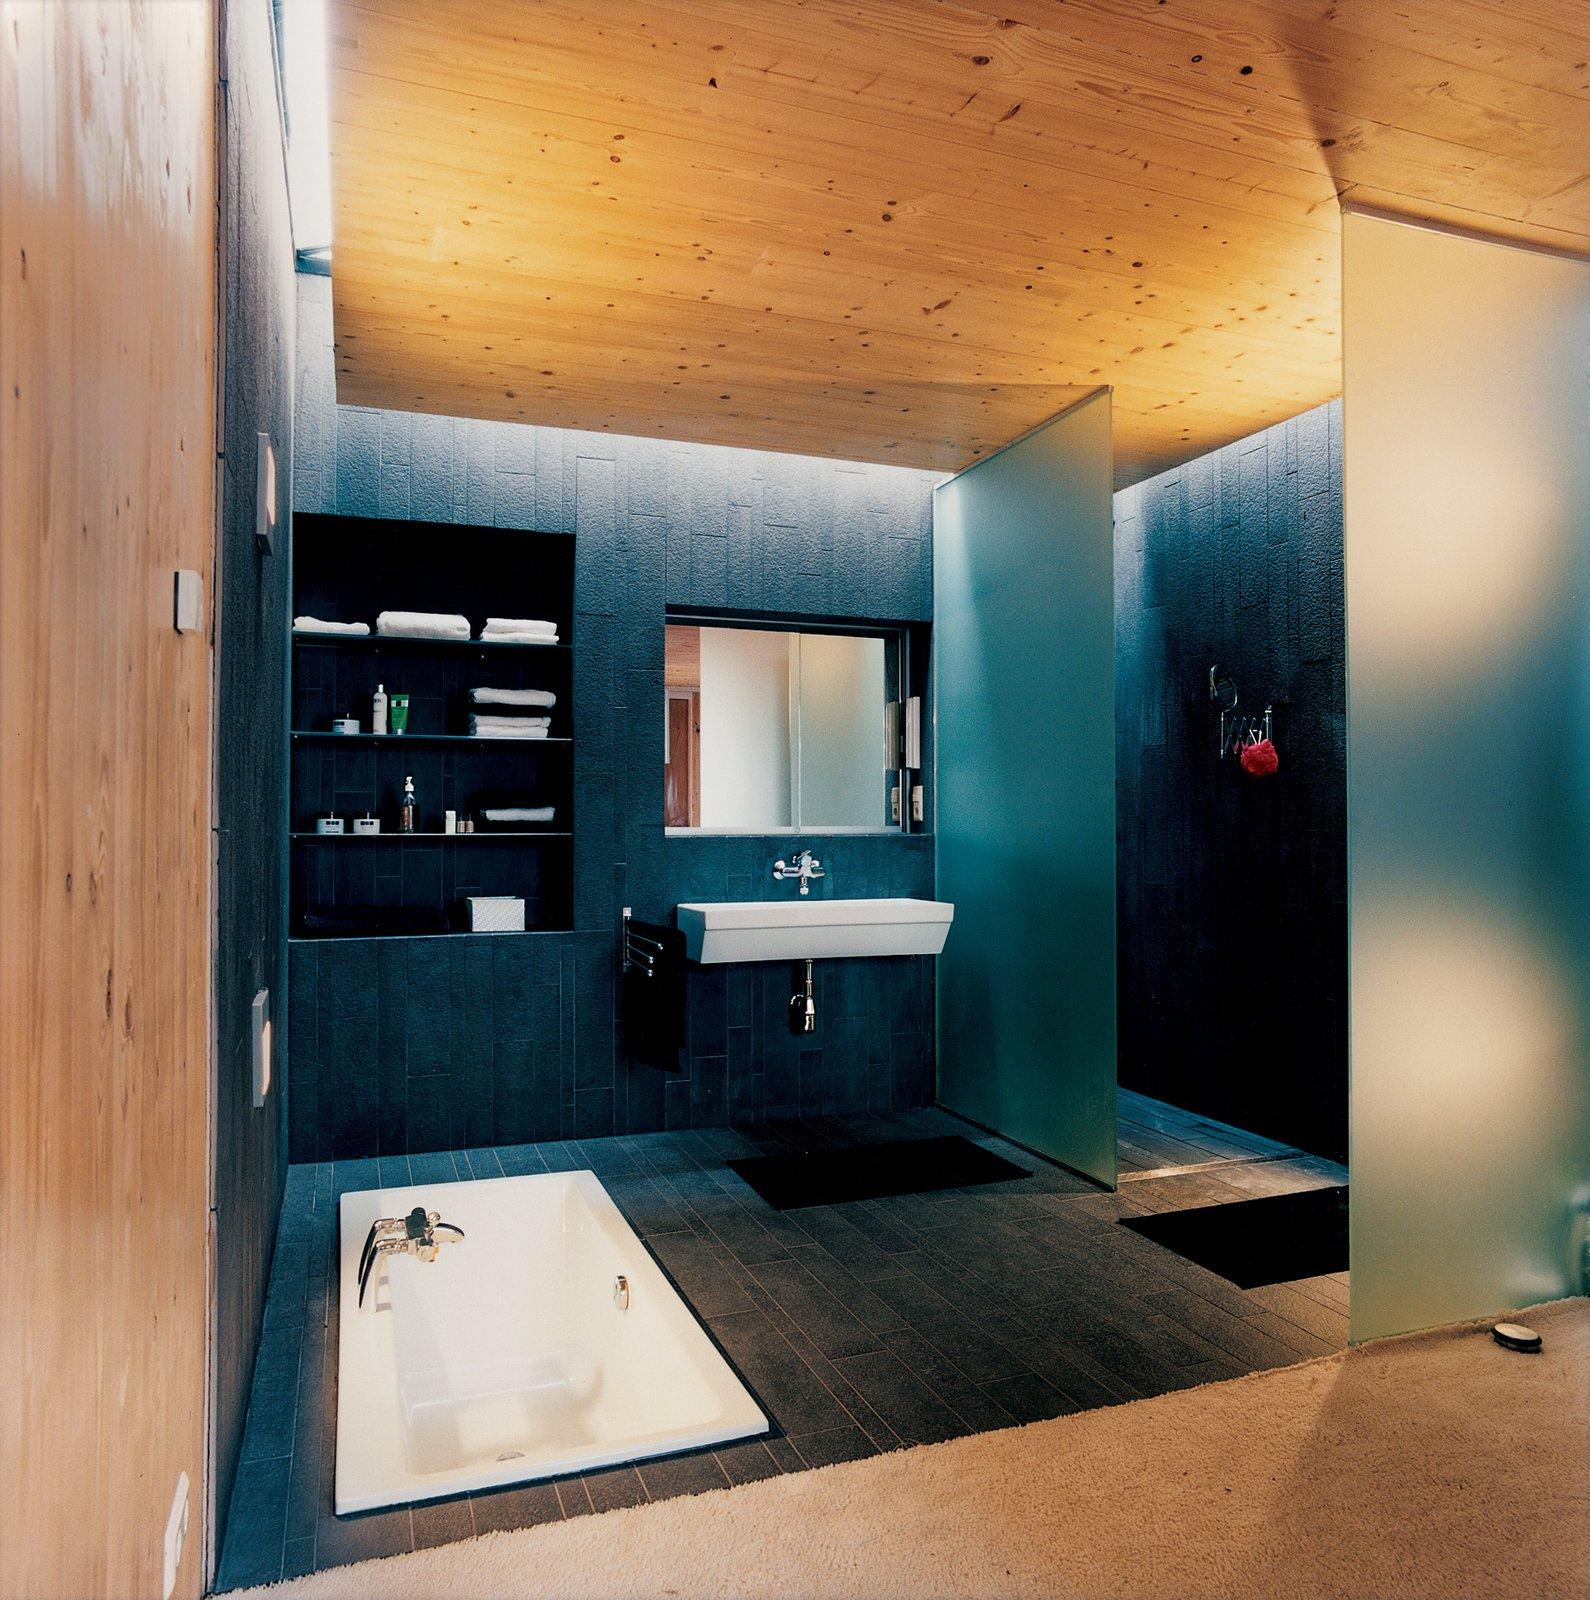 #bath #spa #bath&spa #modern #interior #interiordesign #bathroom #shower #bath #woodpanels #skylight #masterbath #laufen #sunkenbath   Photo by Hertha Hurnaus   Photo 8 of 22 in Bath & Spa Intrigue from Bath